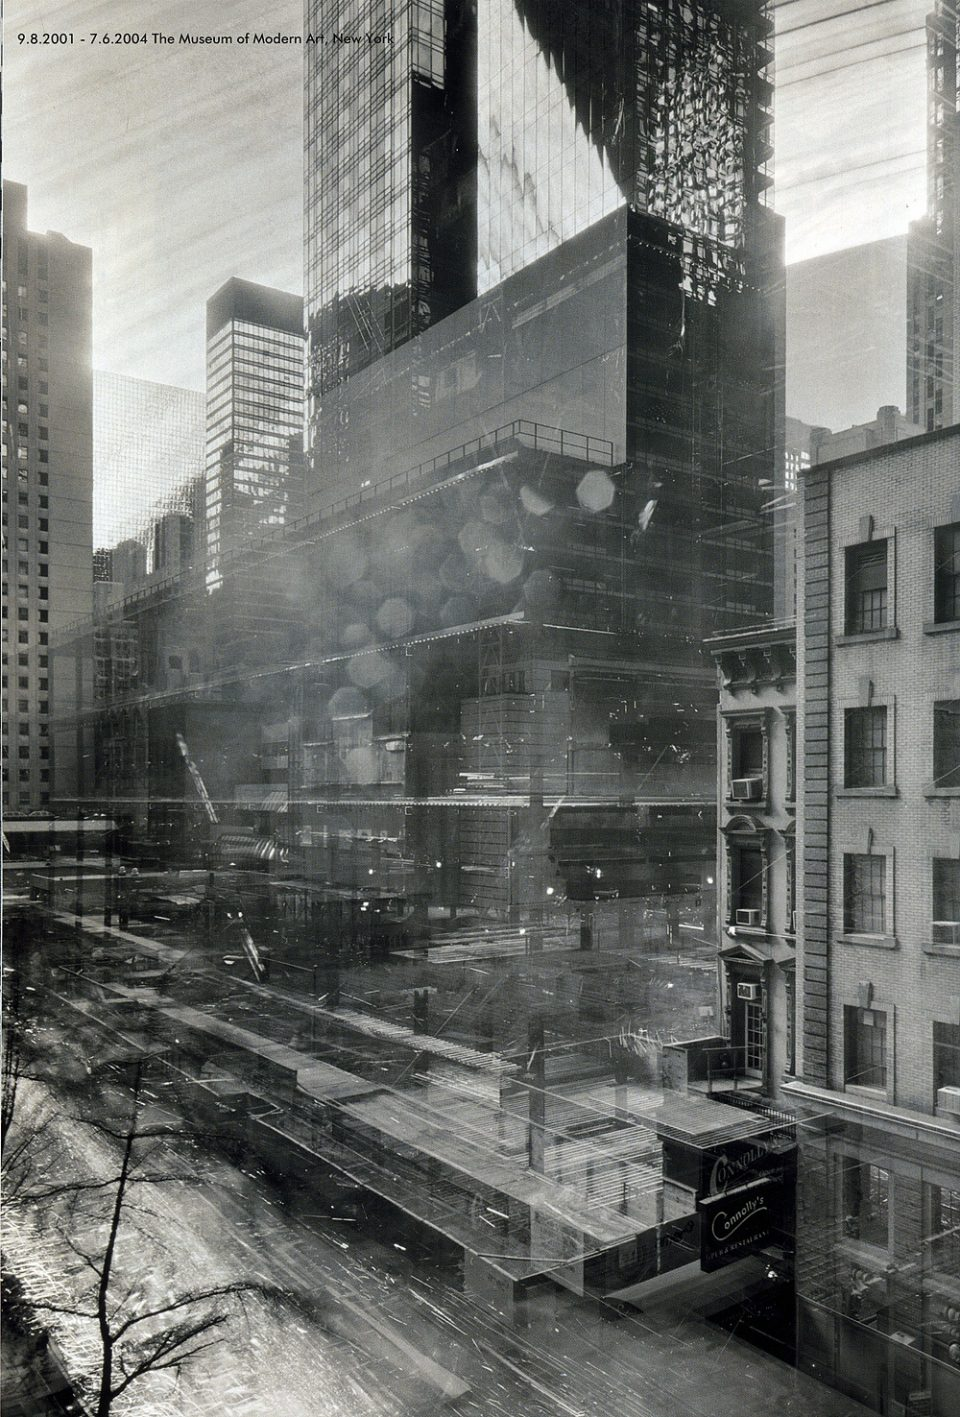 Michael Wesely - Open Shutter Projekt, 2001-2004